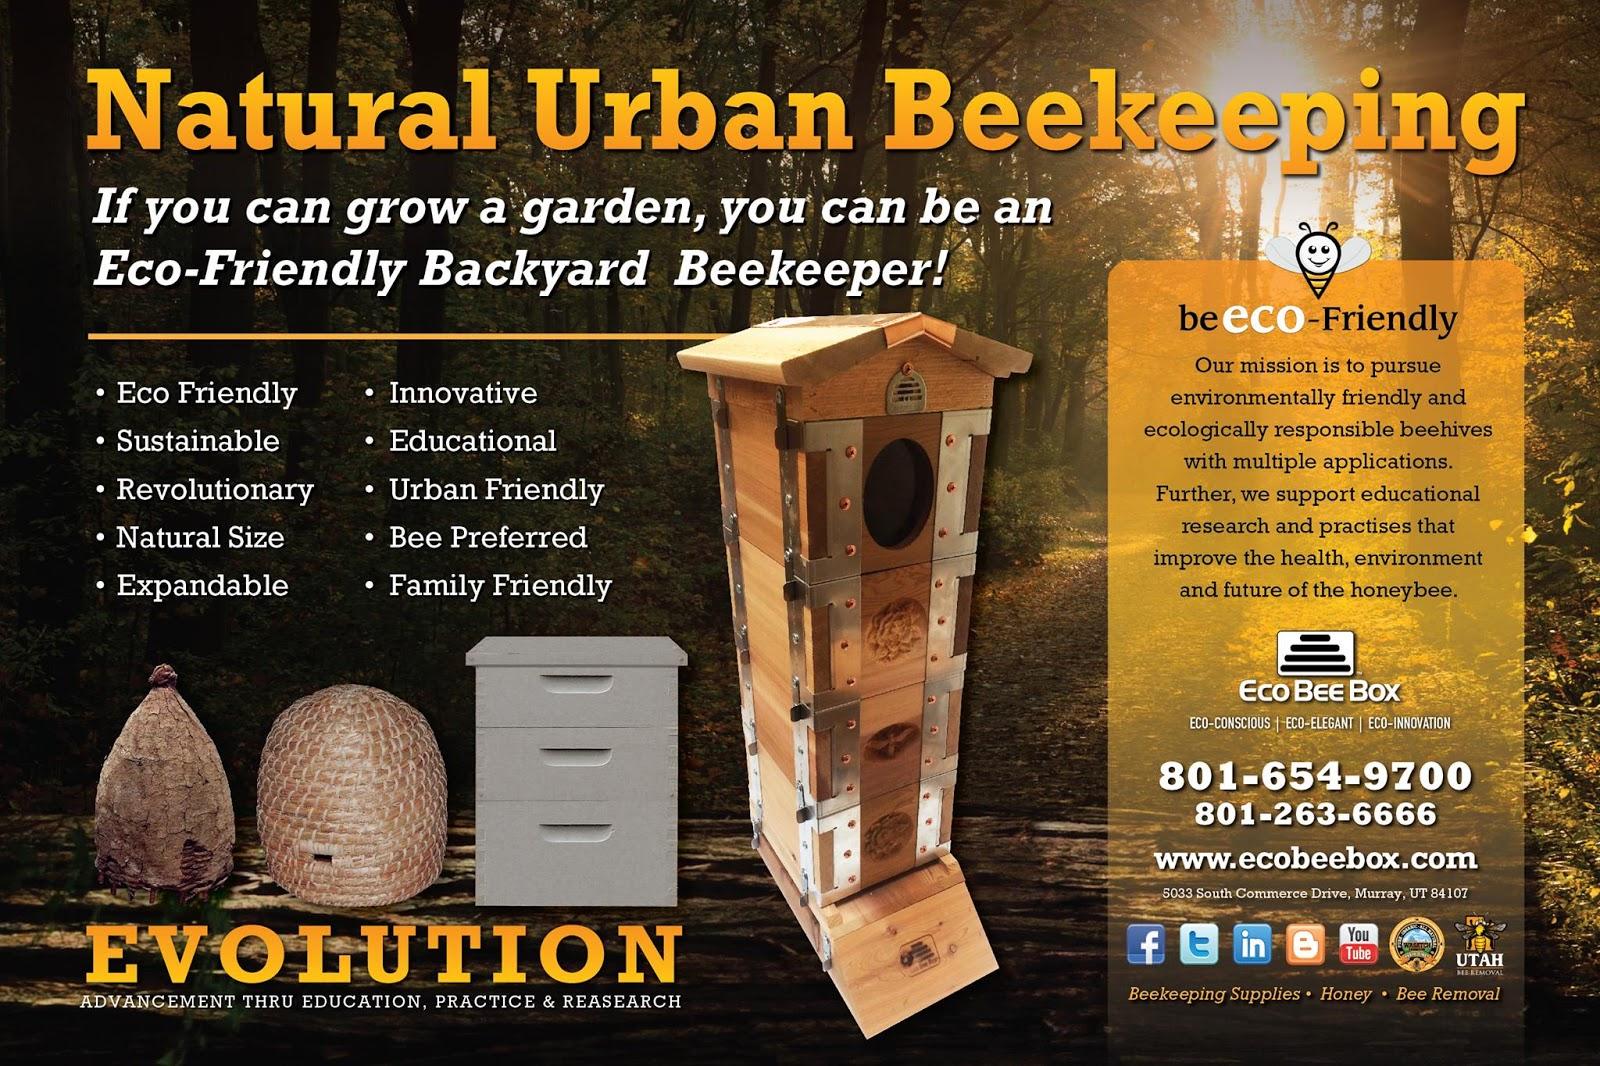 Urban Beekeeping With Honeybees